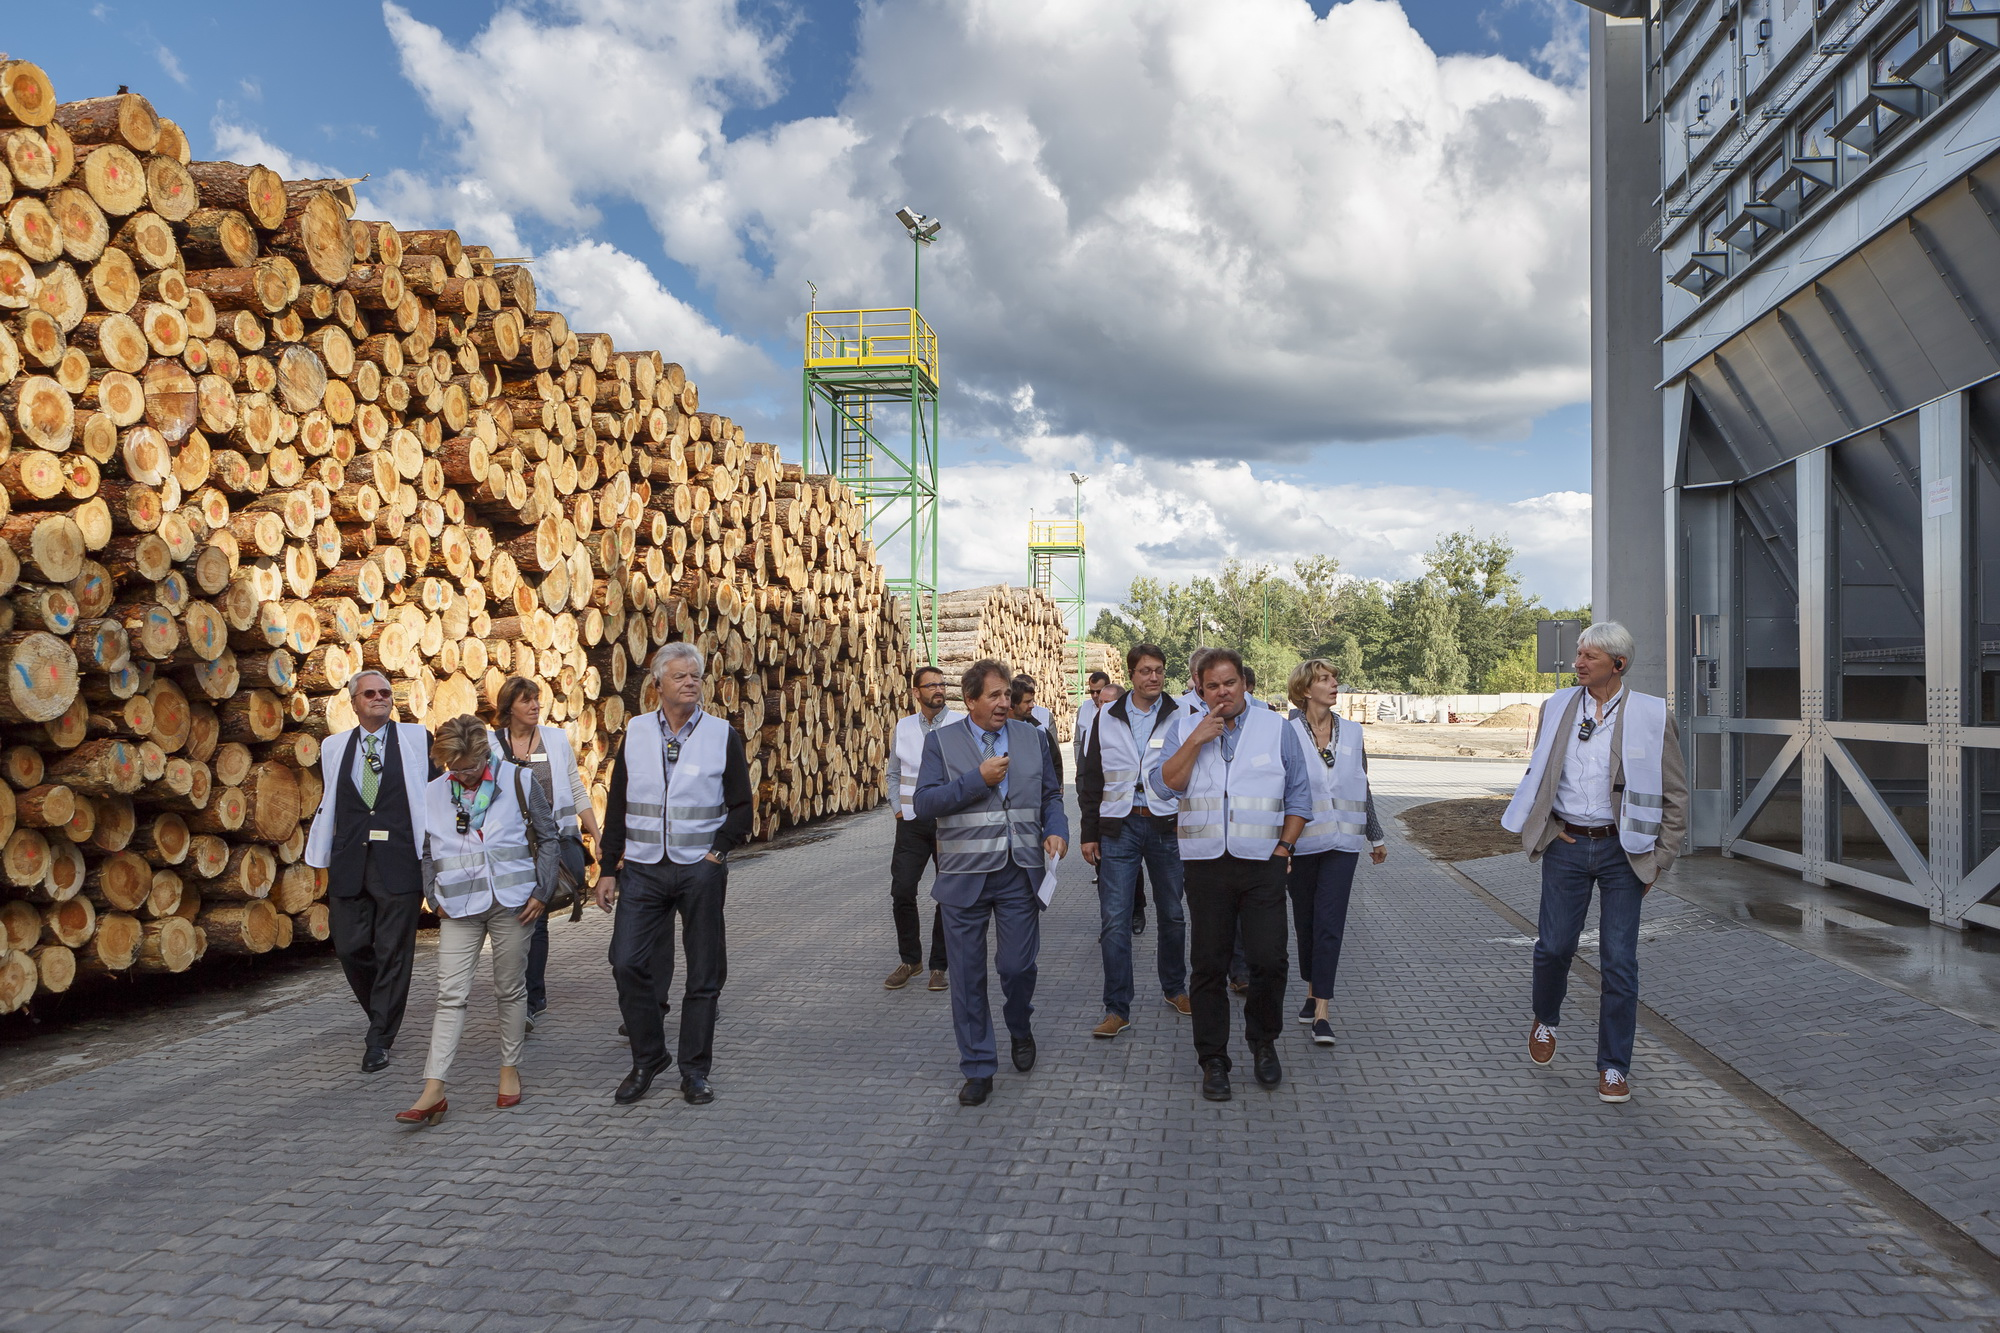 Udo Schramek, właściciel firmy STEICO, osobiście oprowadzał najważniejszych klientów po nowej fabryce w Czarnej Wodzie. Fot. Paweł Winiarski